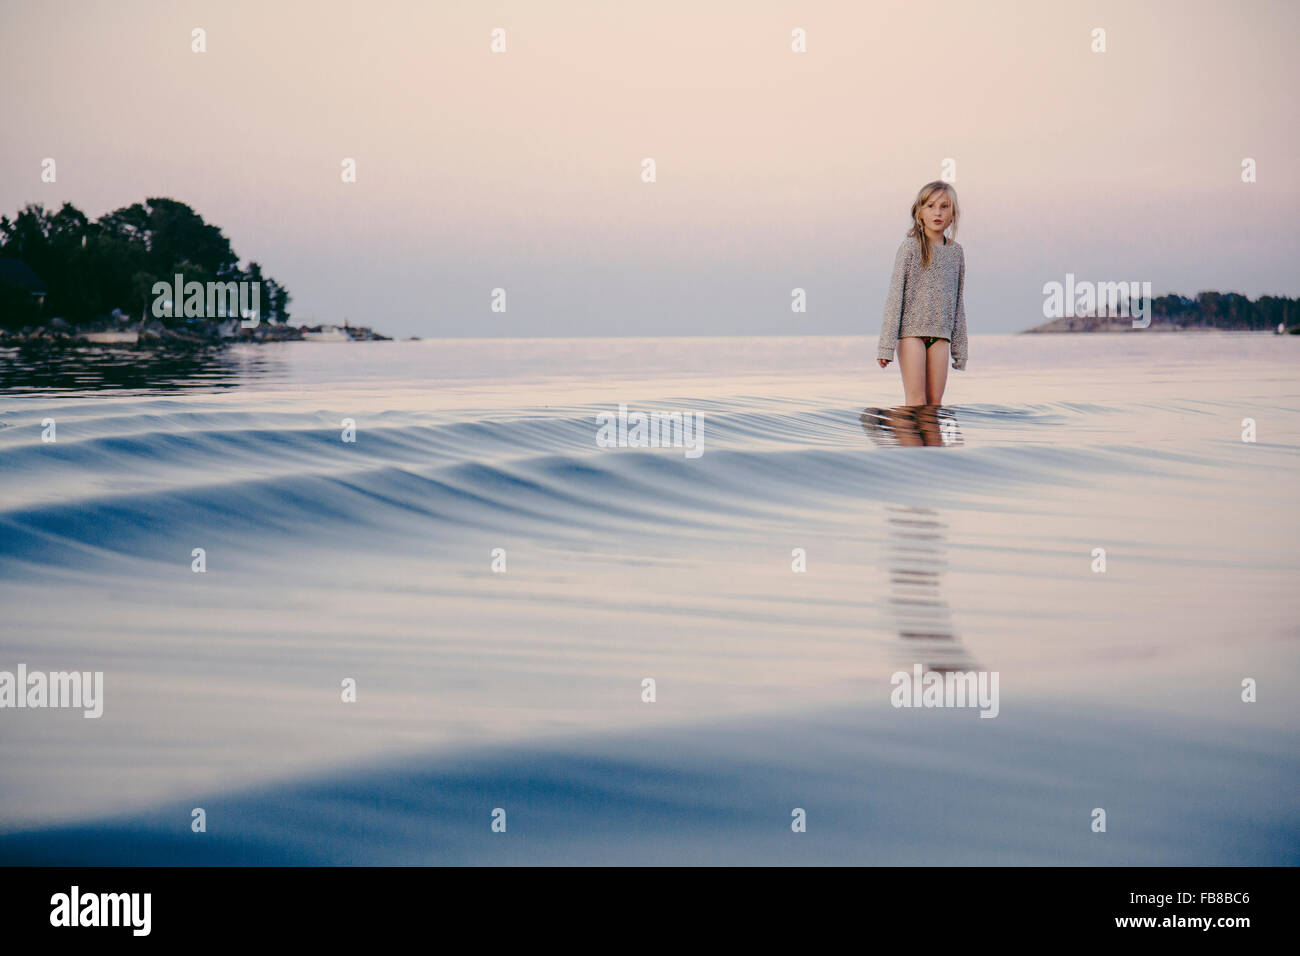 Sweden, Medelpad, Sundsvall, Juniskar, Girl (8-9) standing in water - Stock Image